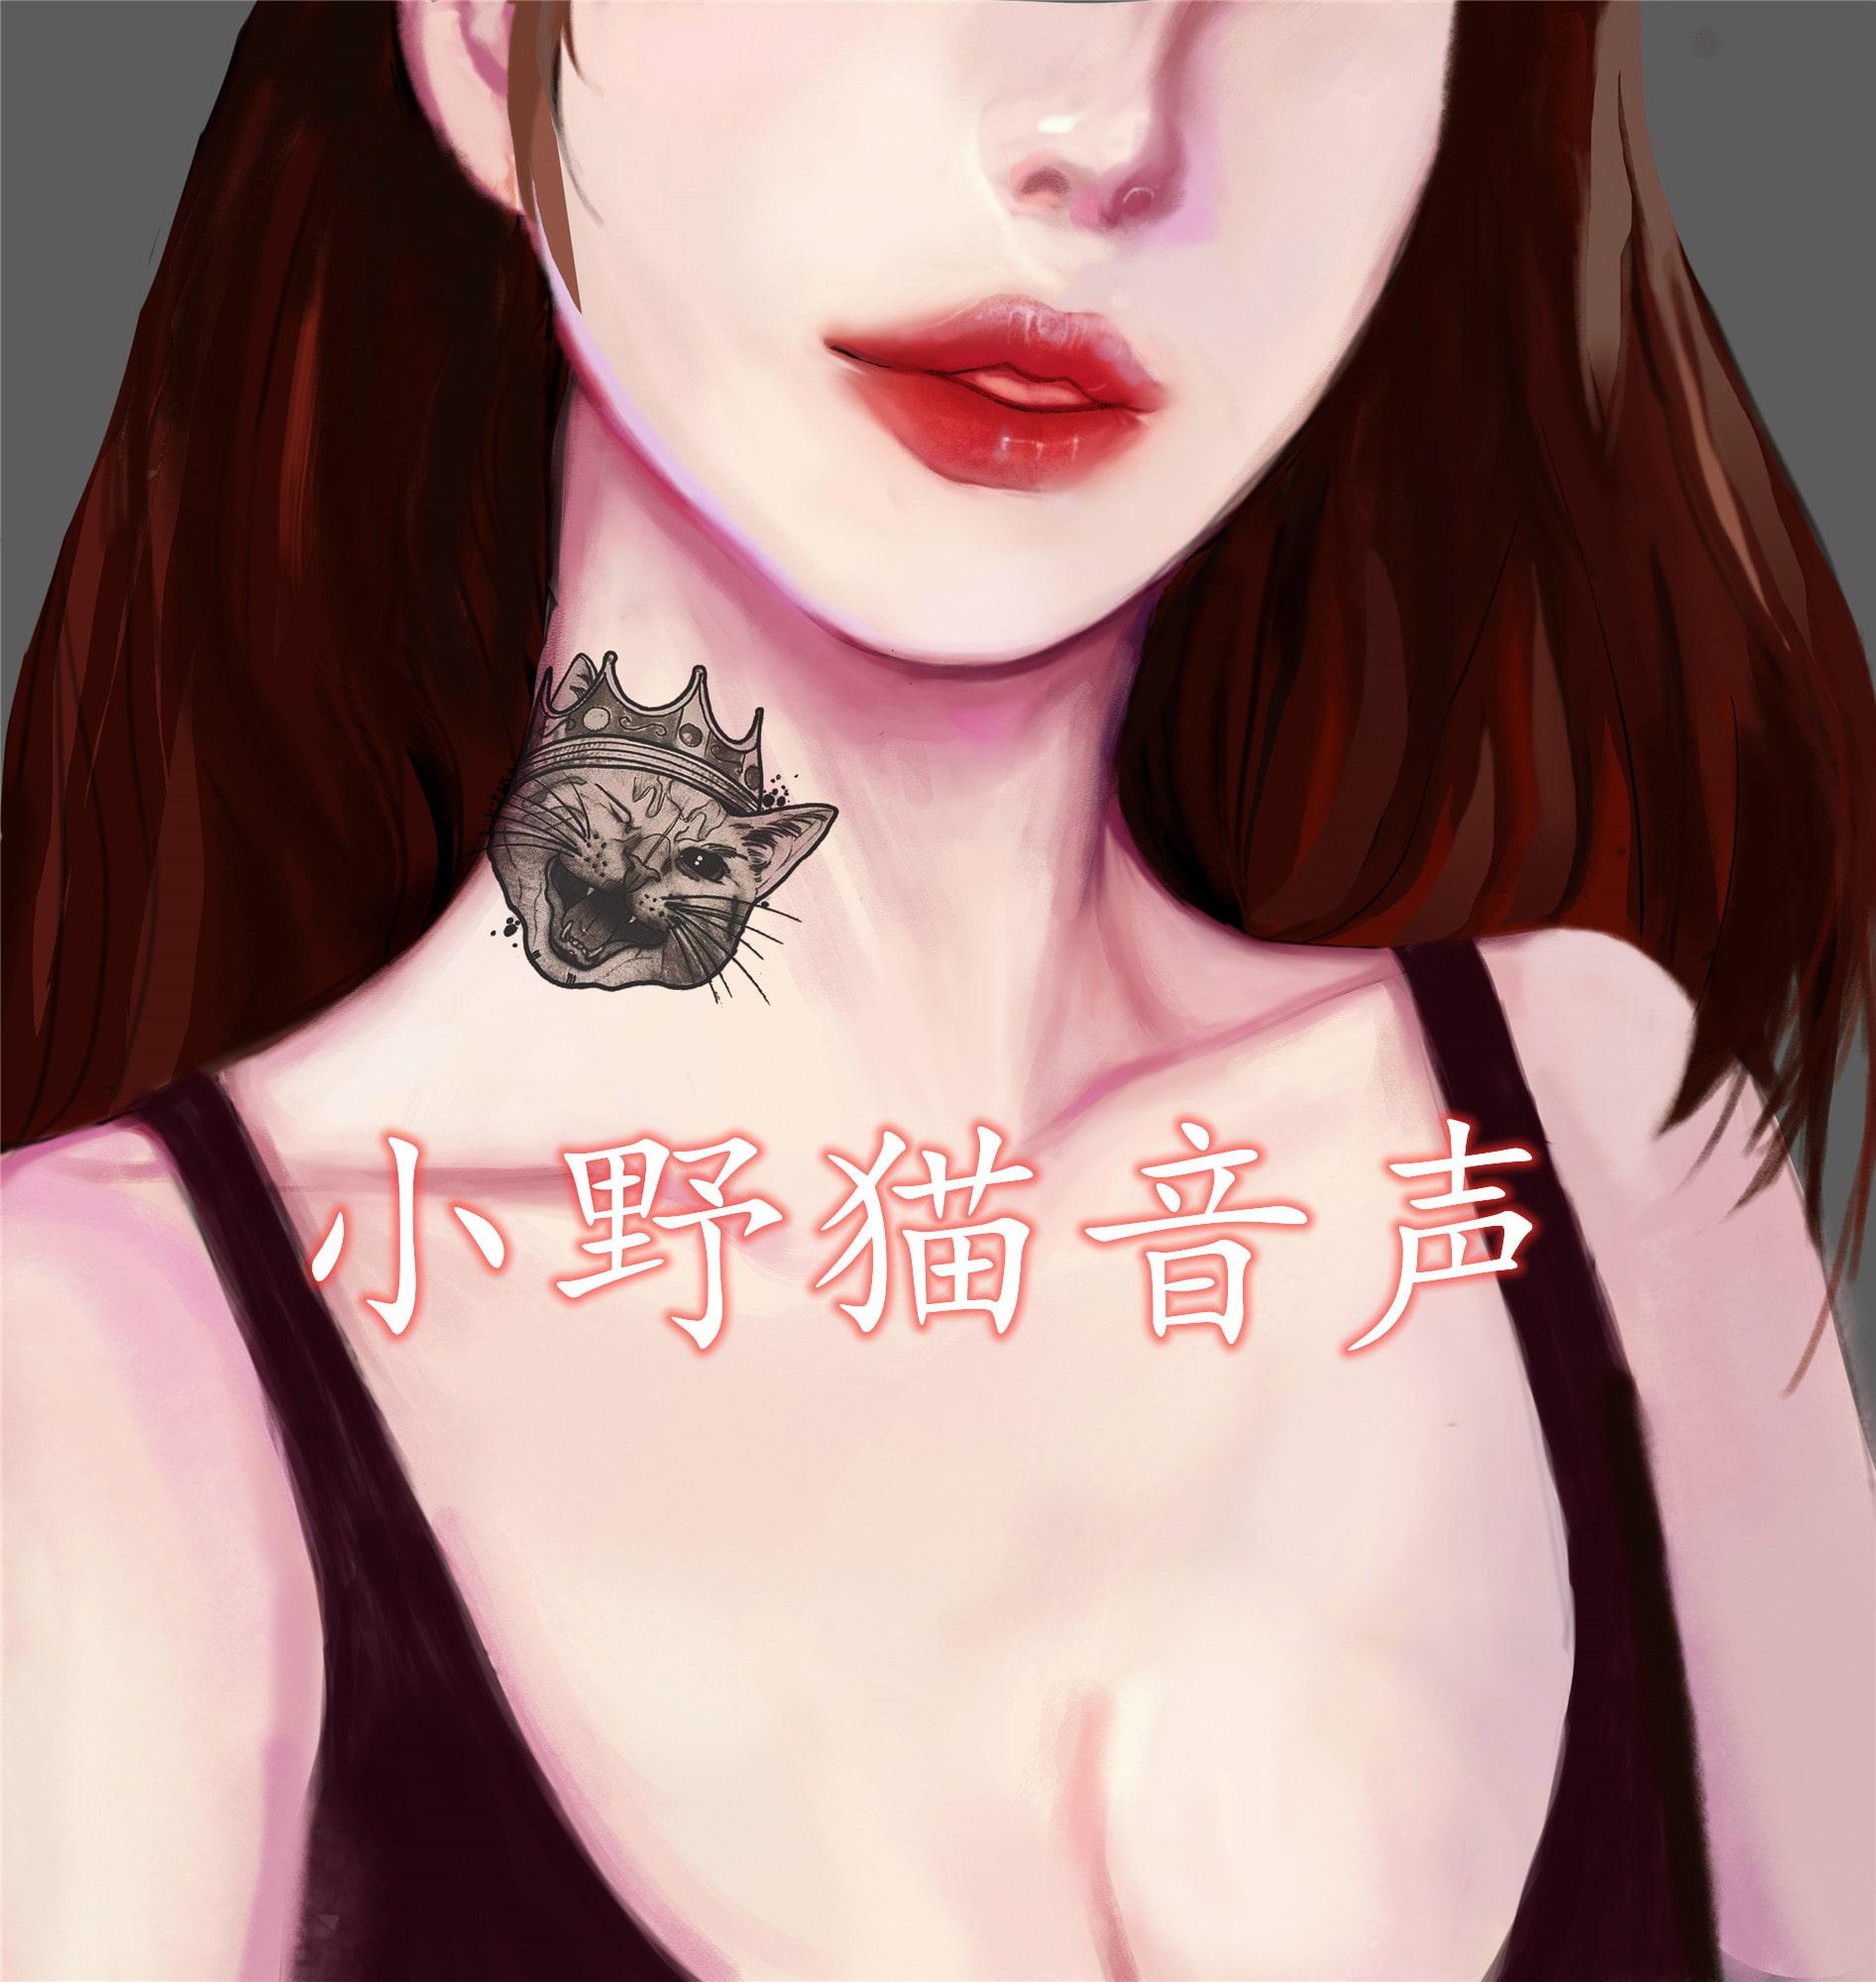 小野猫音声 被催眠的女勇者  CV小野猫